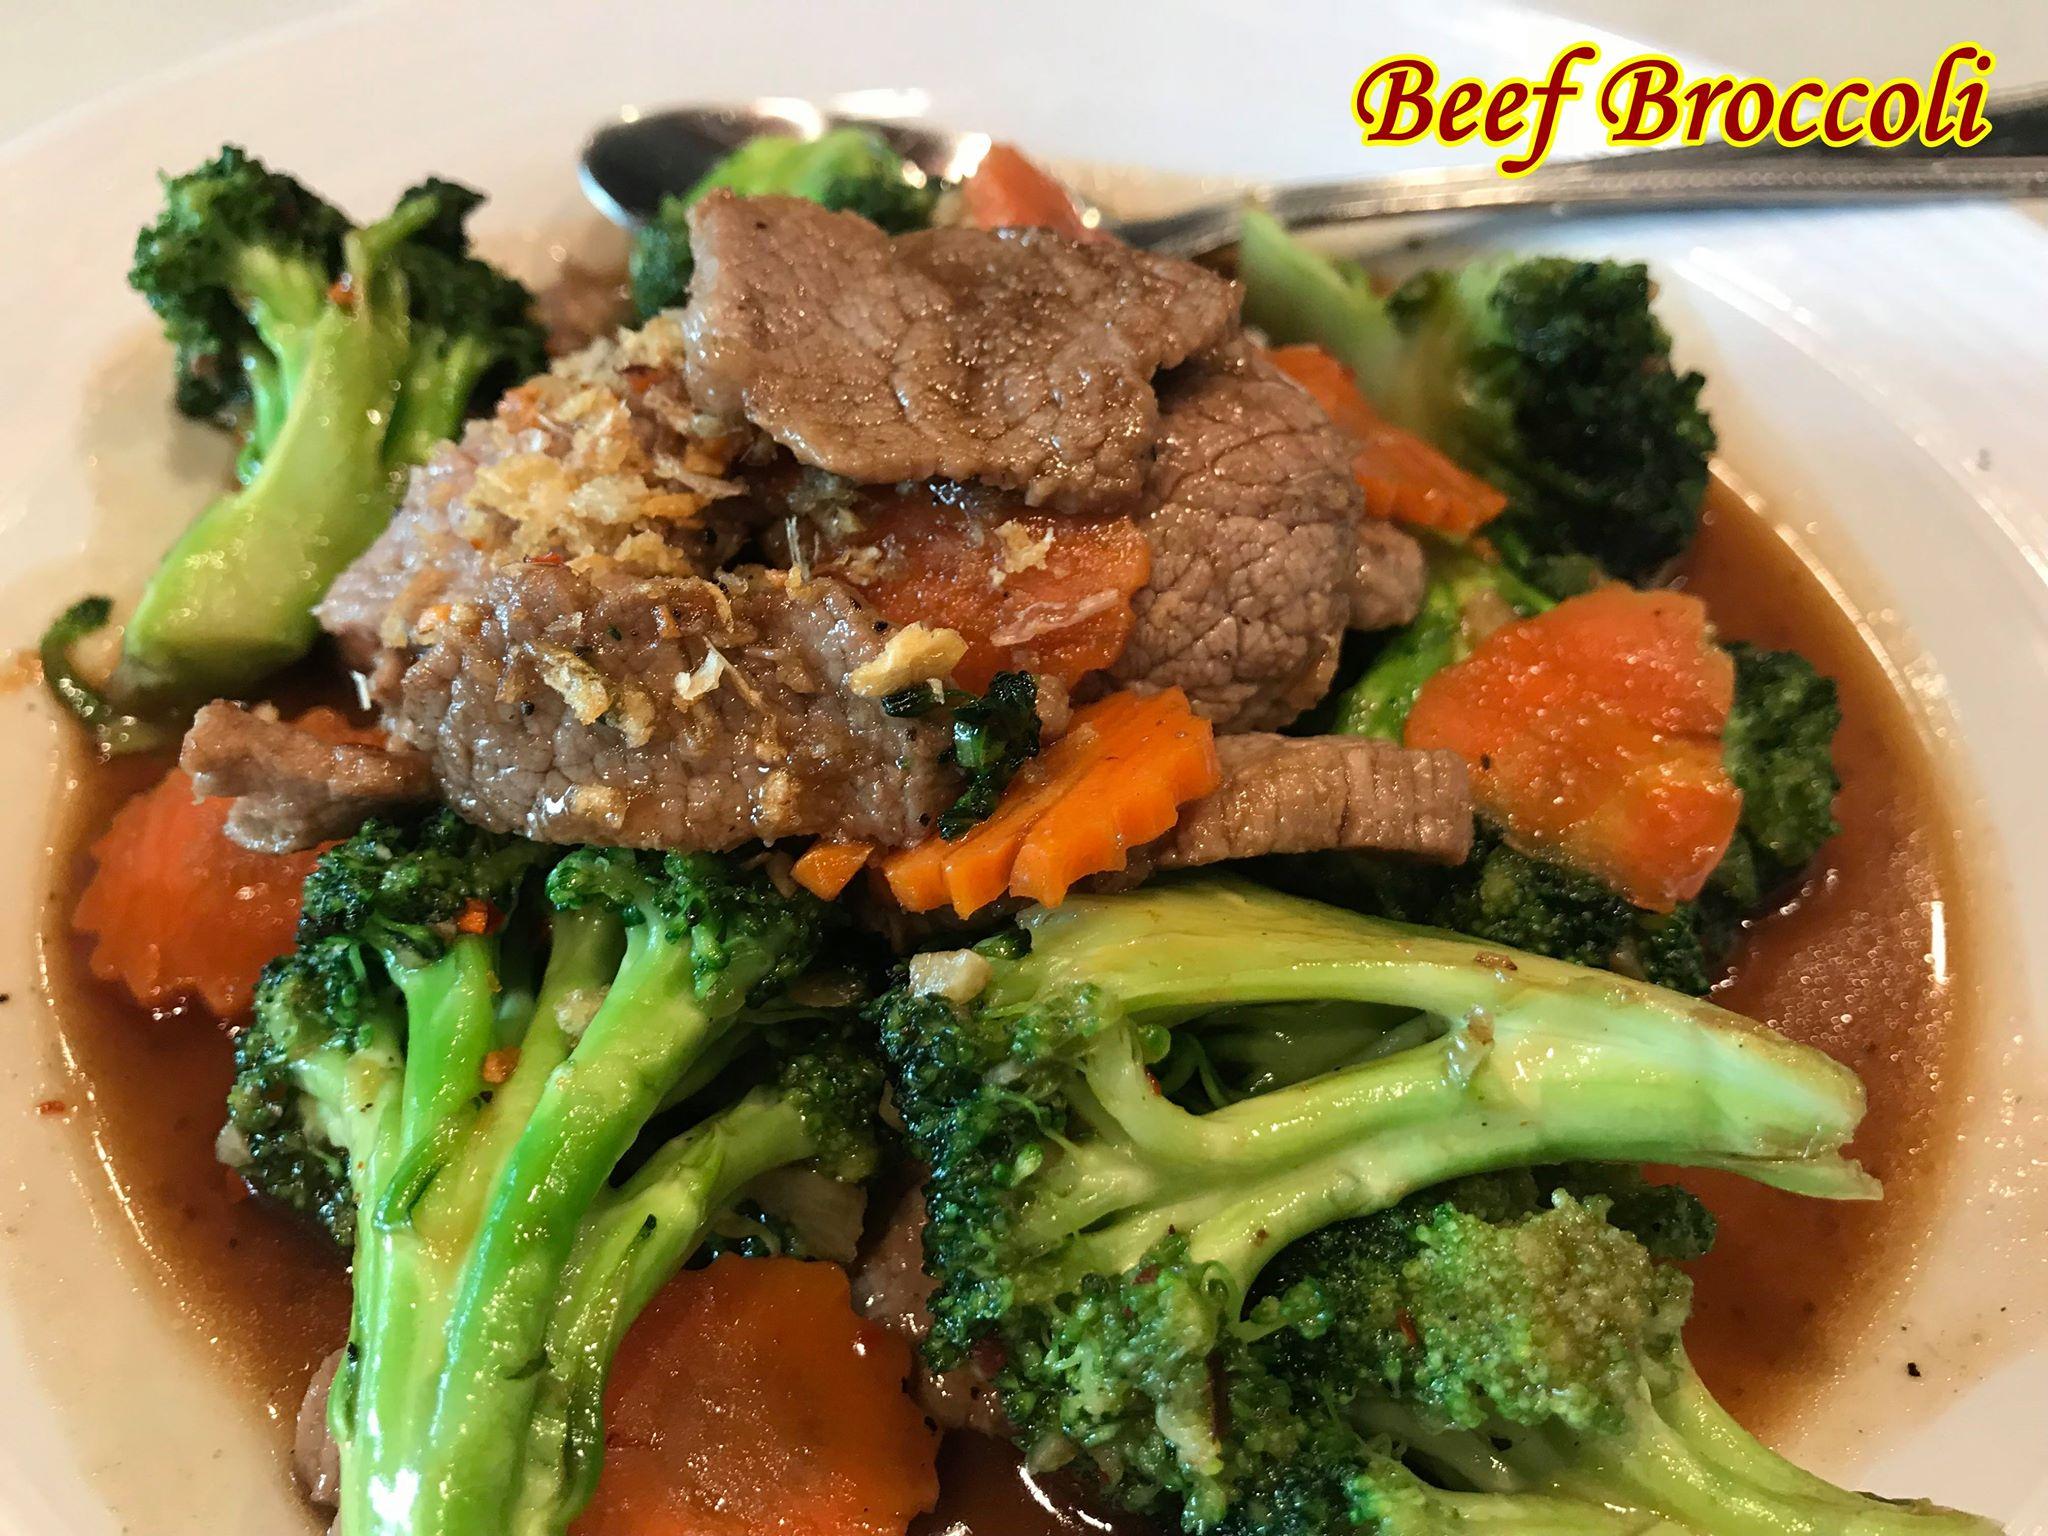 Beef Broccoli Image